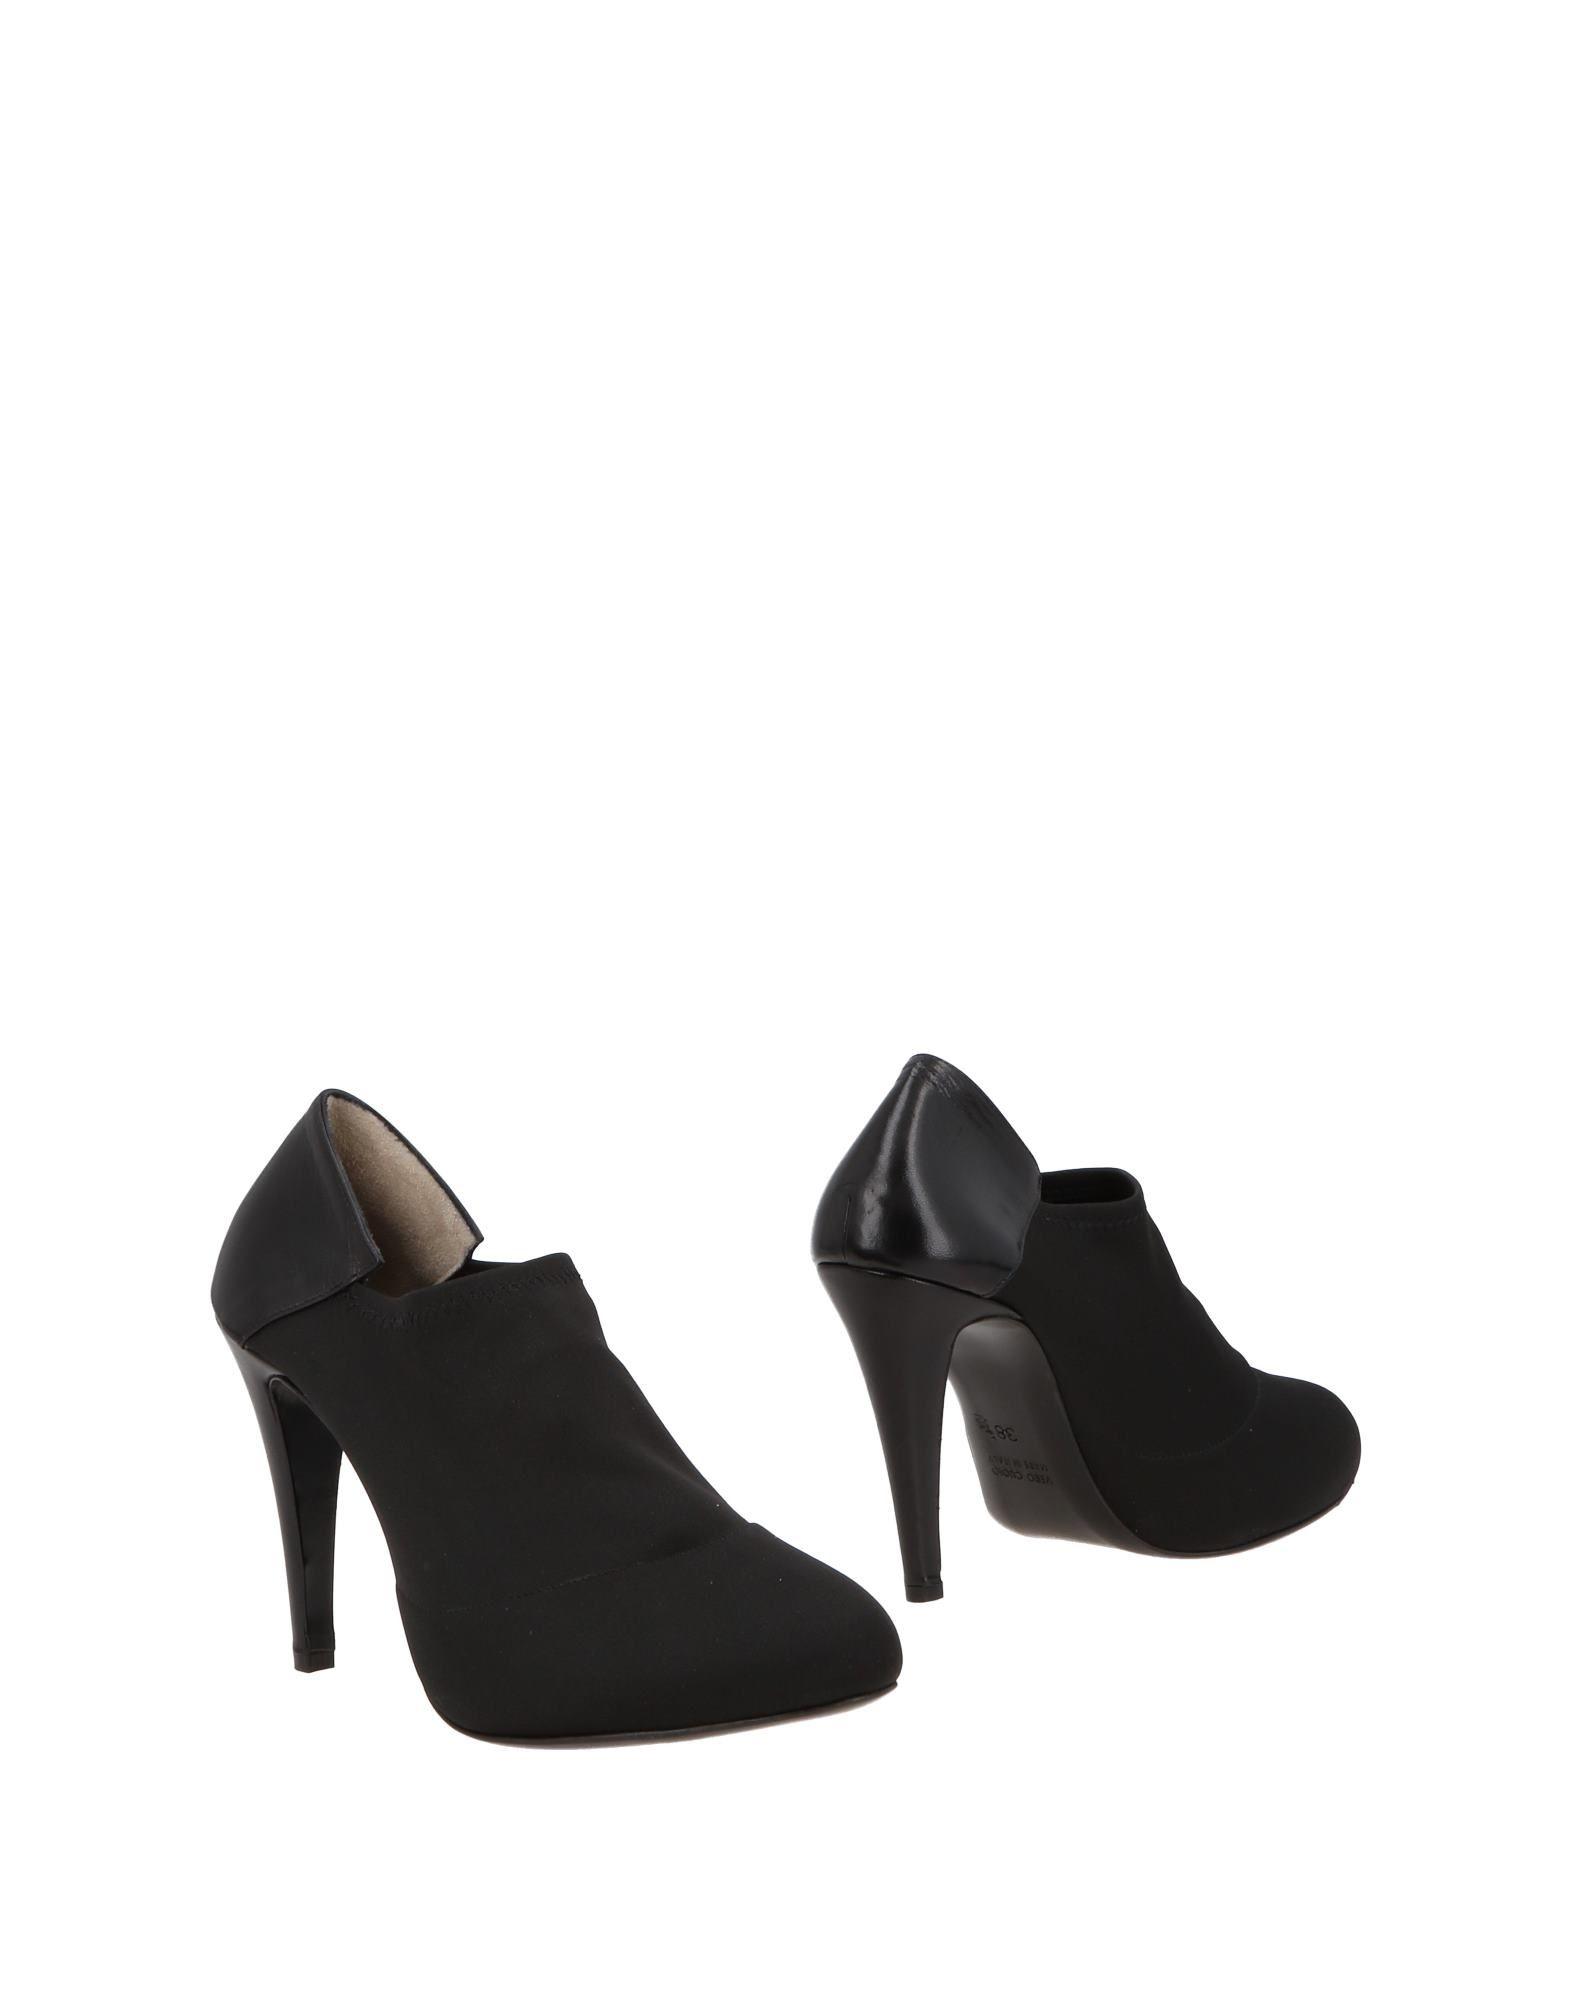 Virginia's Street Stiefelette Damen  11491425WQ Gute Qualität beliebte Schuhe